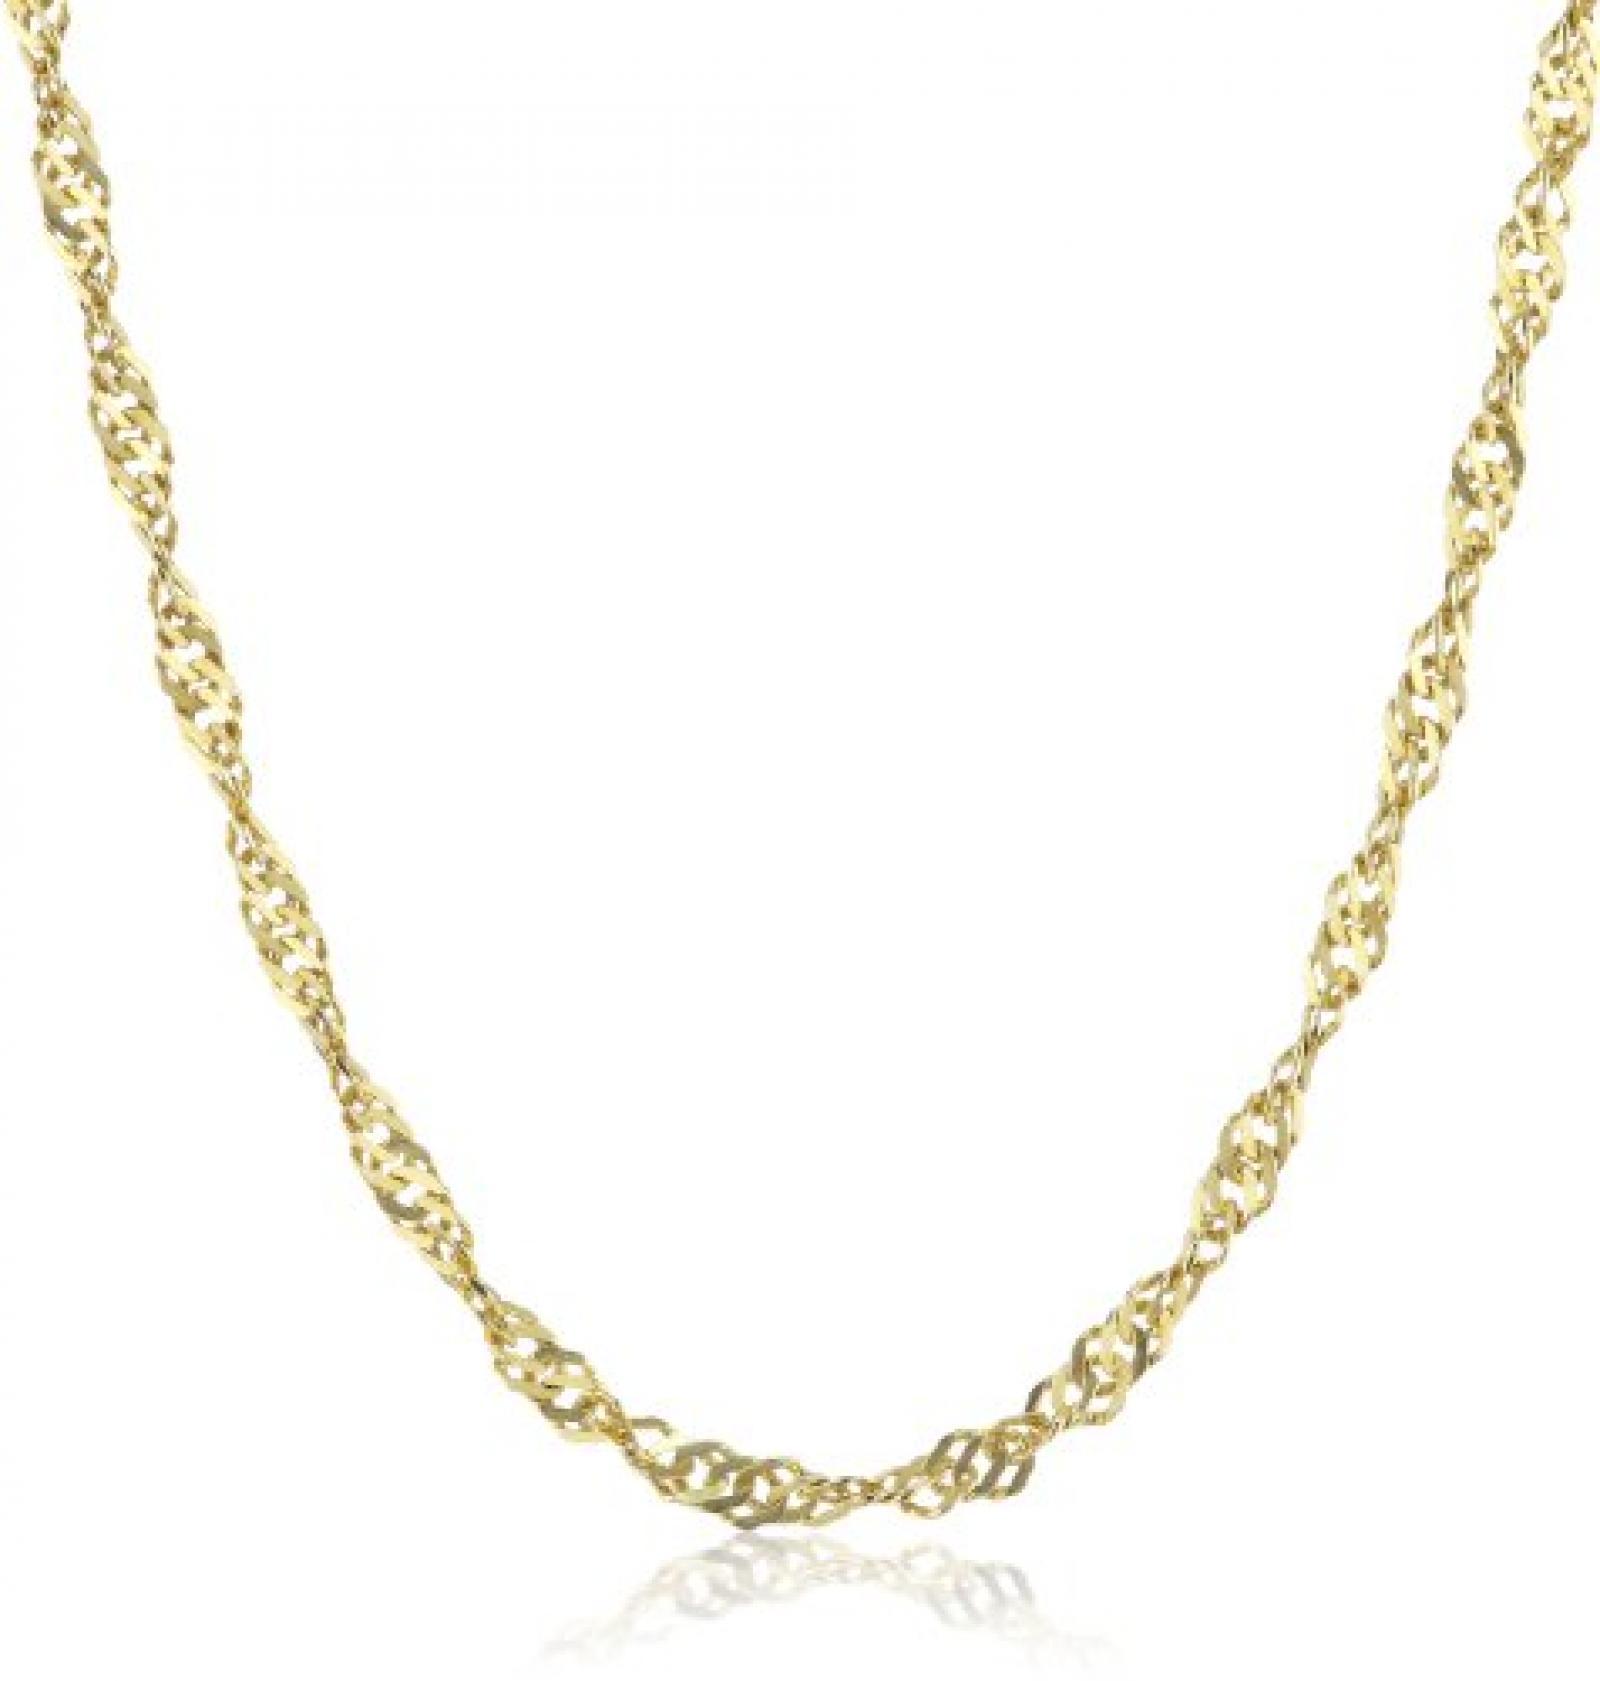 Amor Jewelry Damen-Halskette 8 Karat 333 Gelbgold 383233